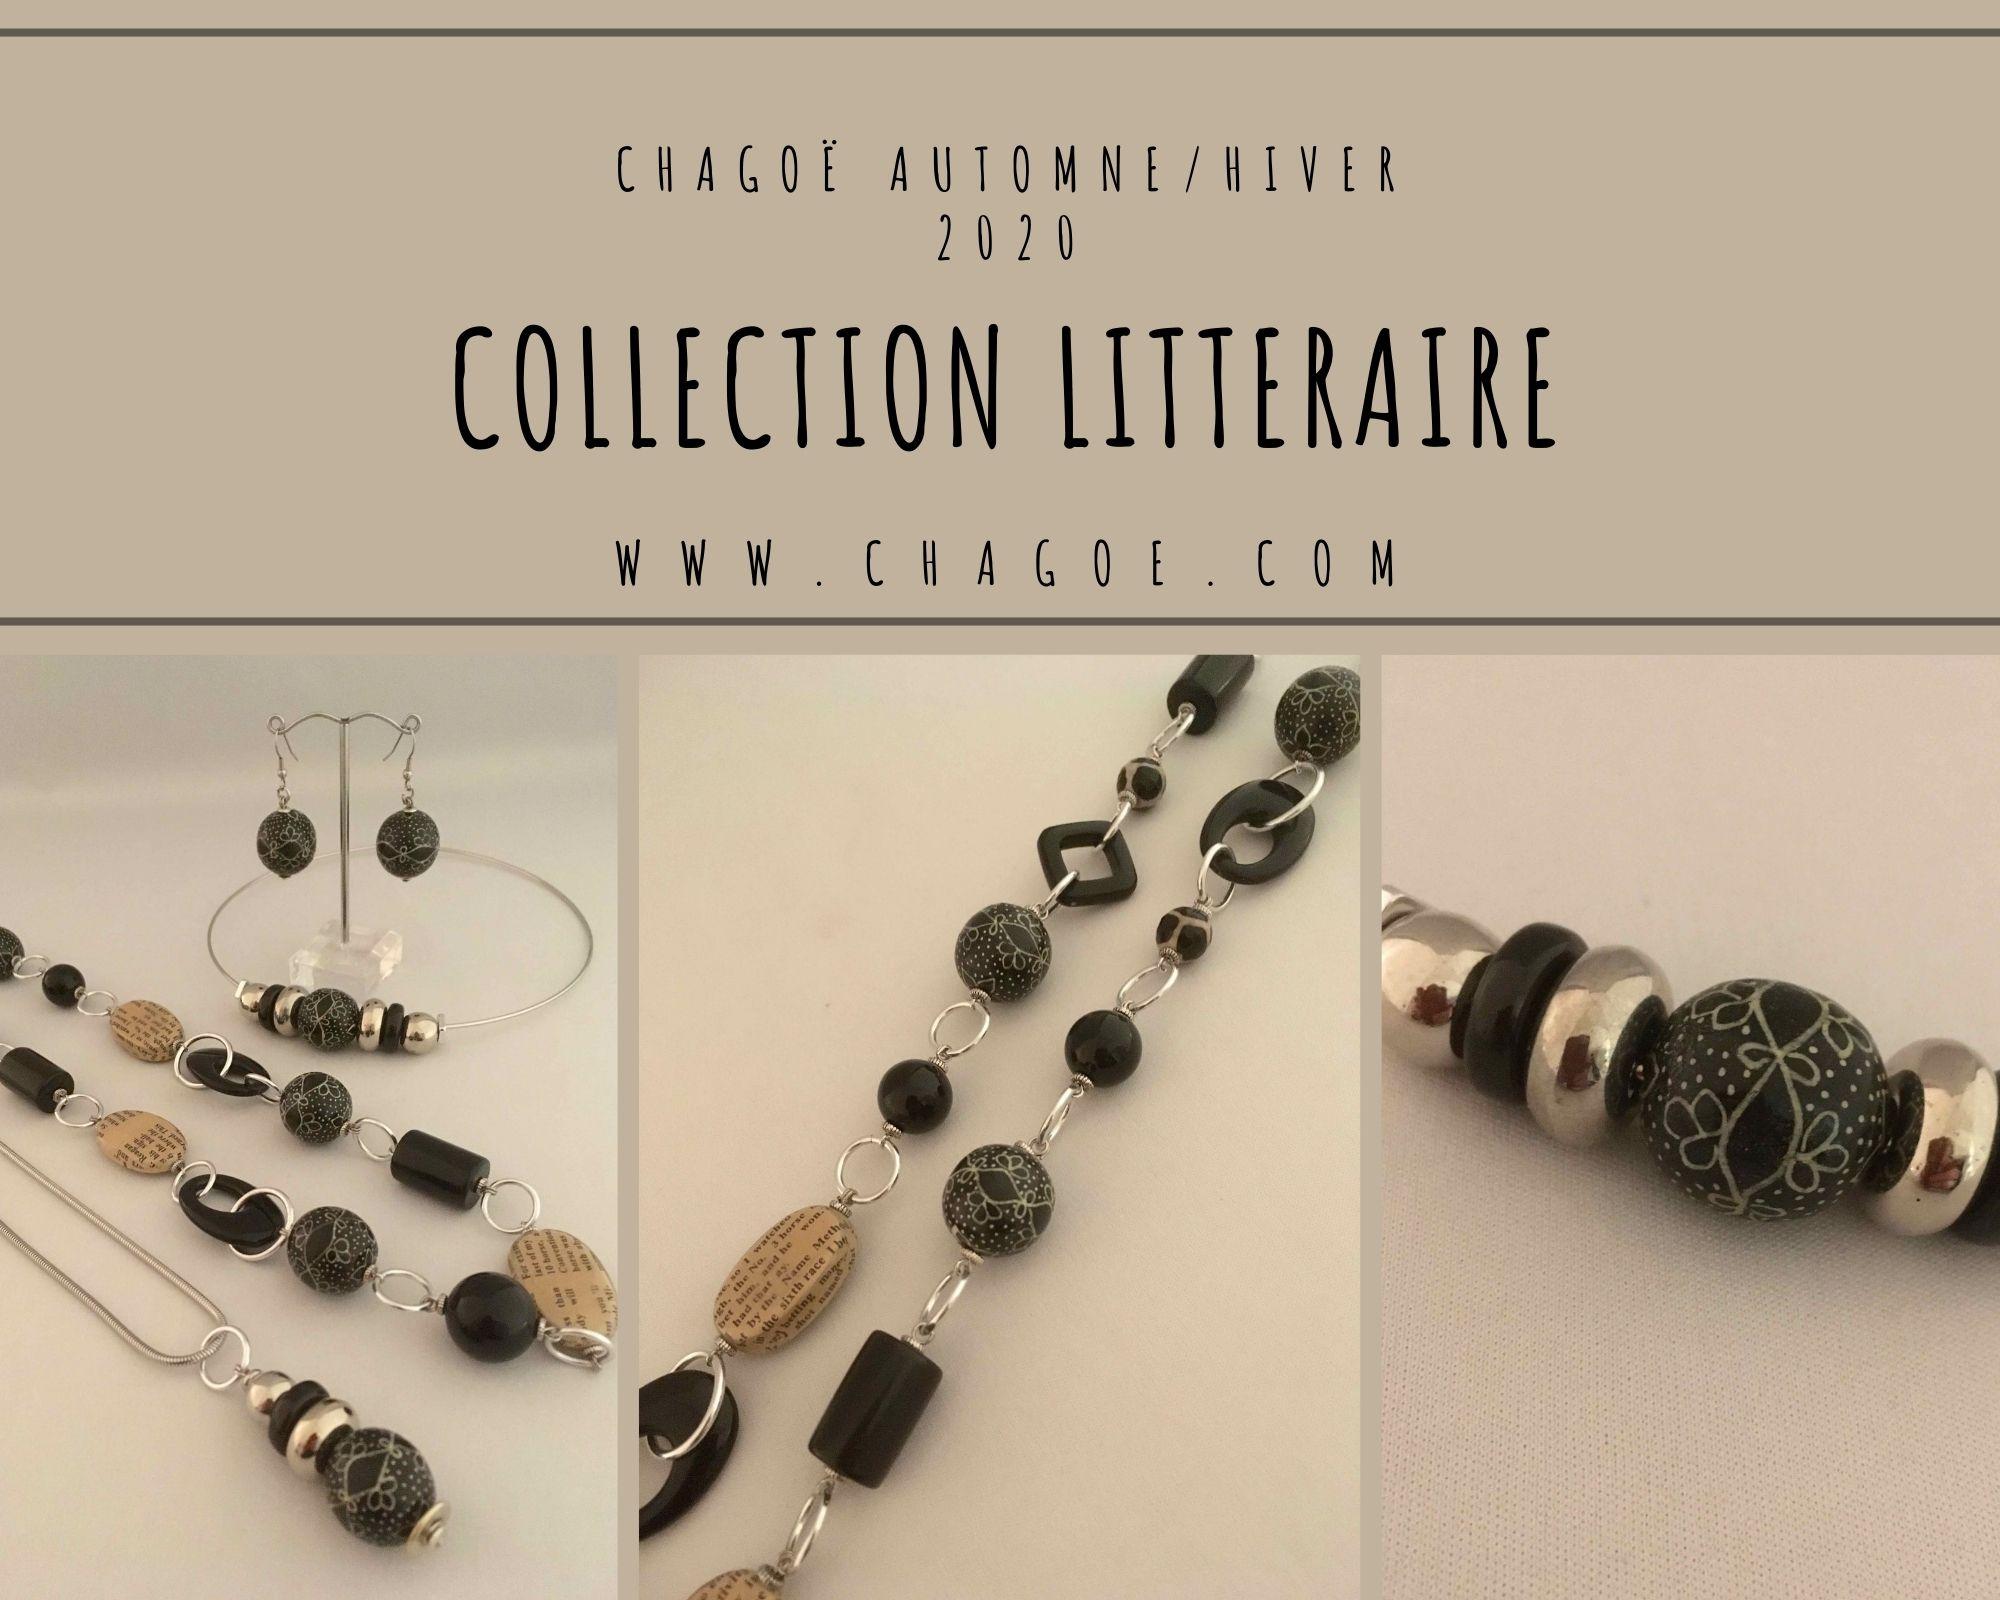 Collection LITTERAIRE Chagoë , Automne/Hiver 2020